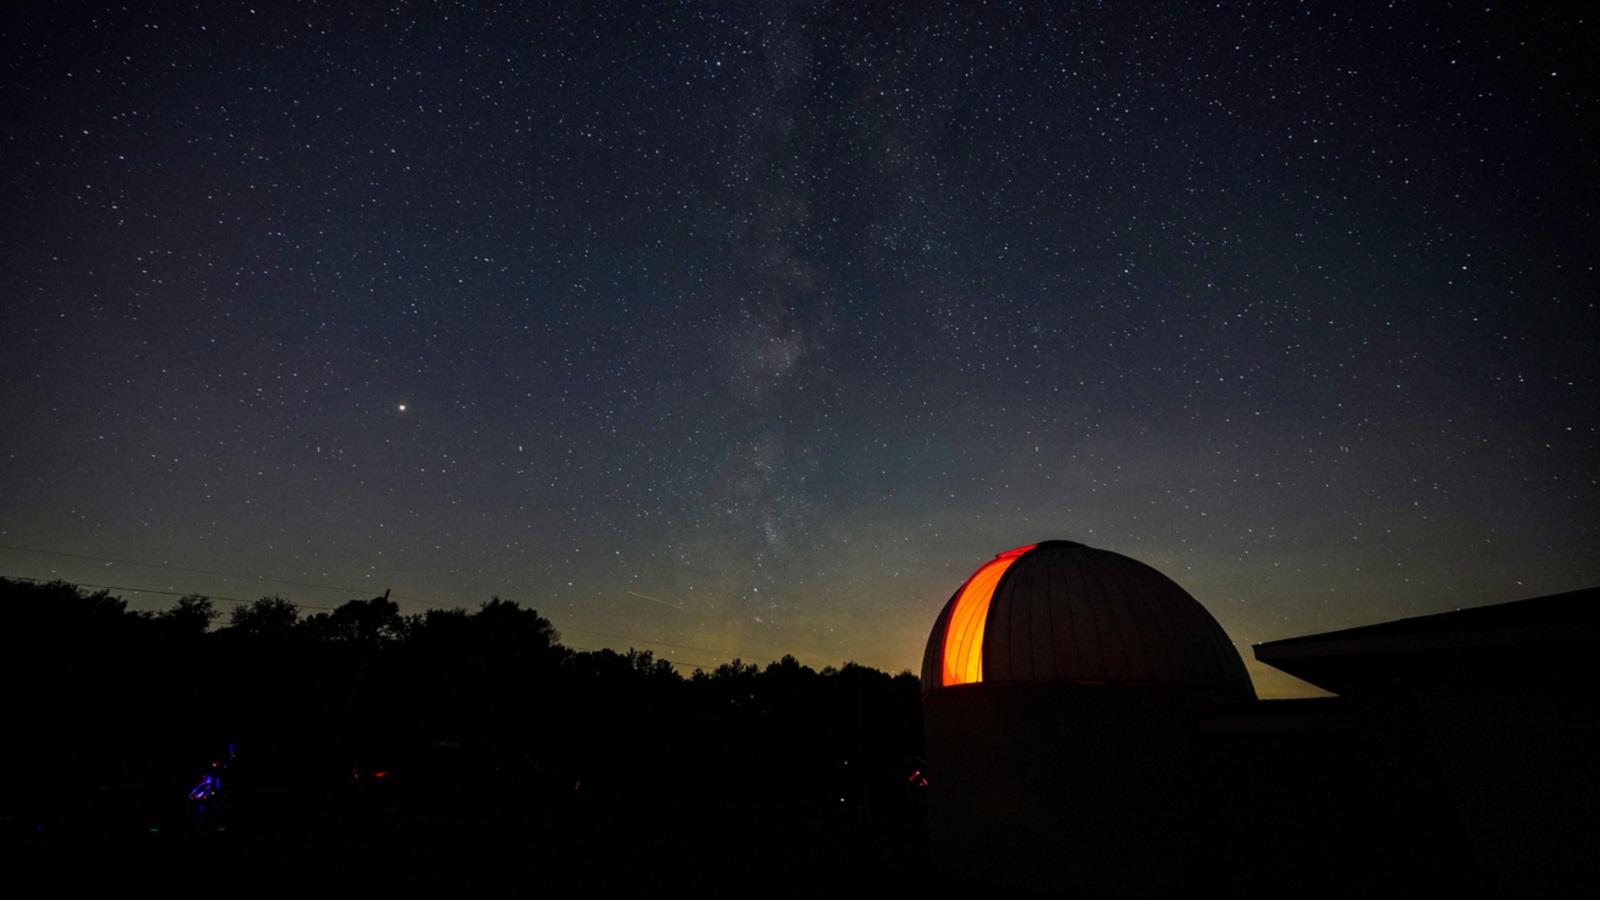 50 découvertes astronomiques incroyables pour dormir à la belle étoile